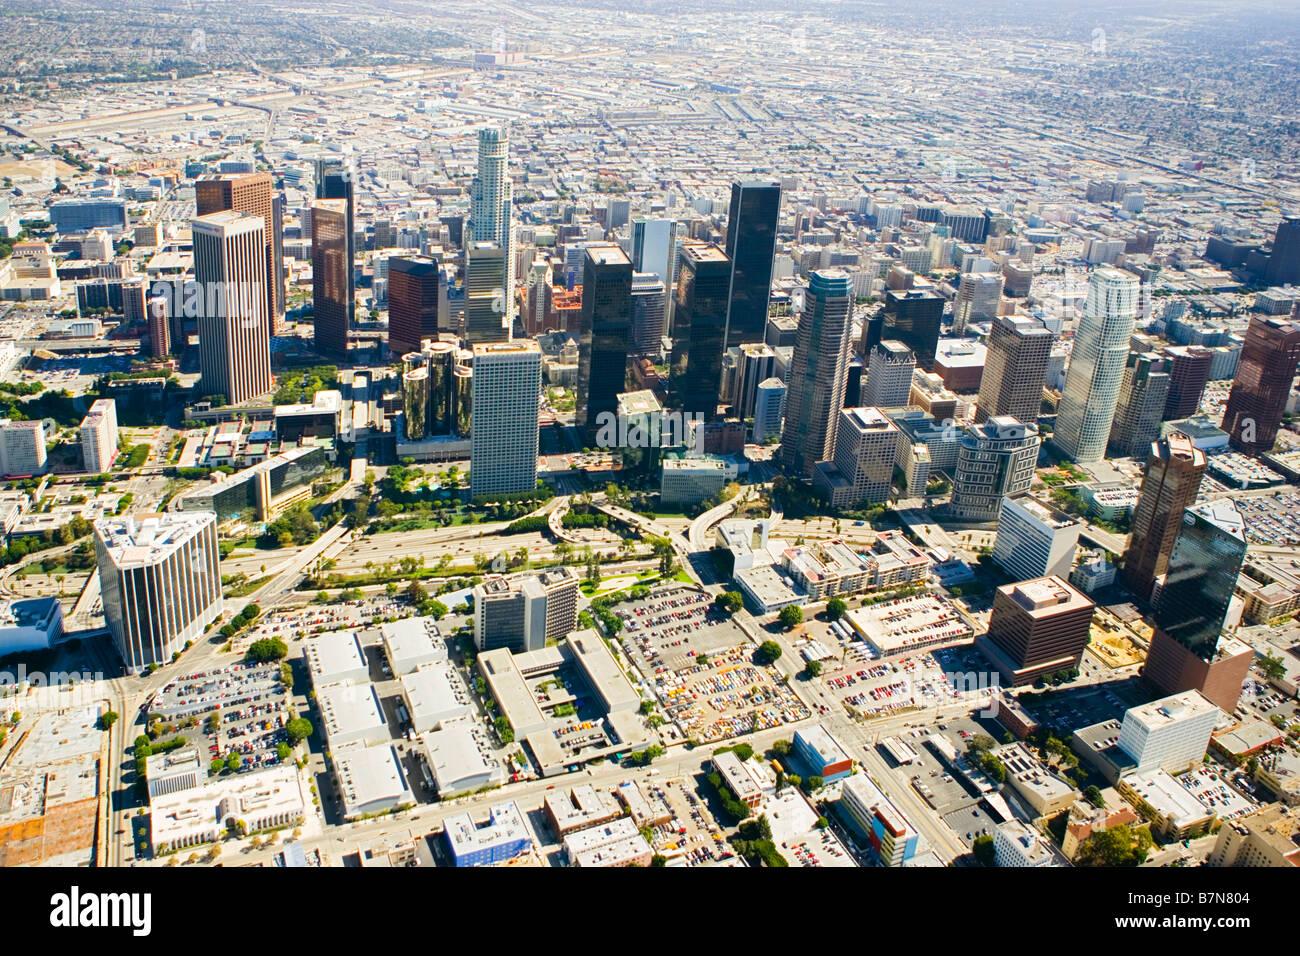 Le centre-ville de Los Angeles vue aérienne Photo Stock